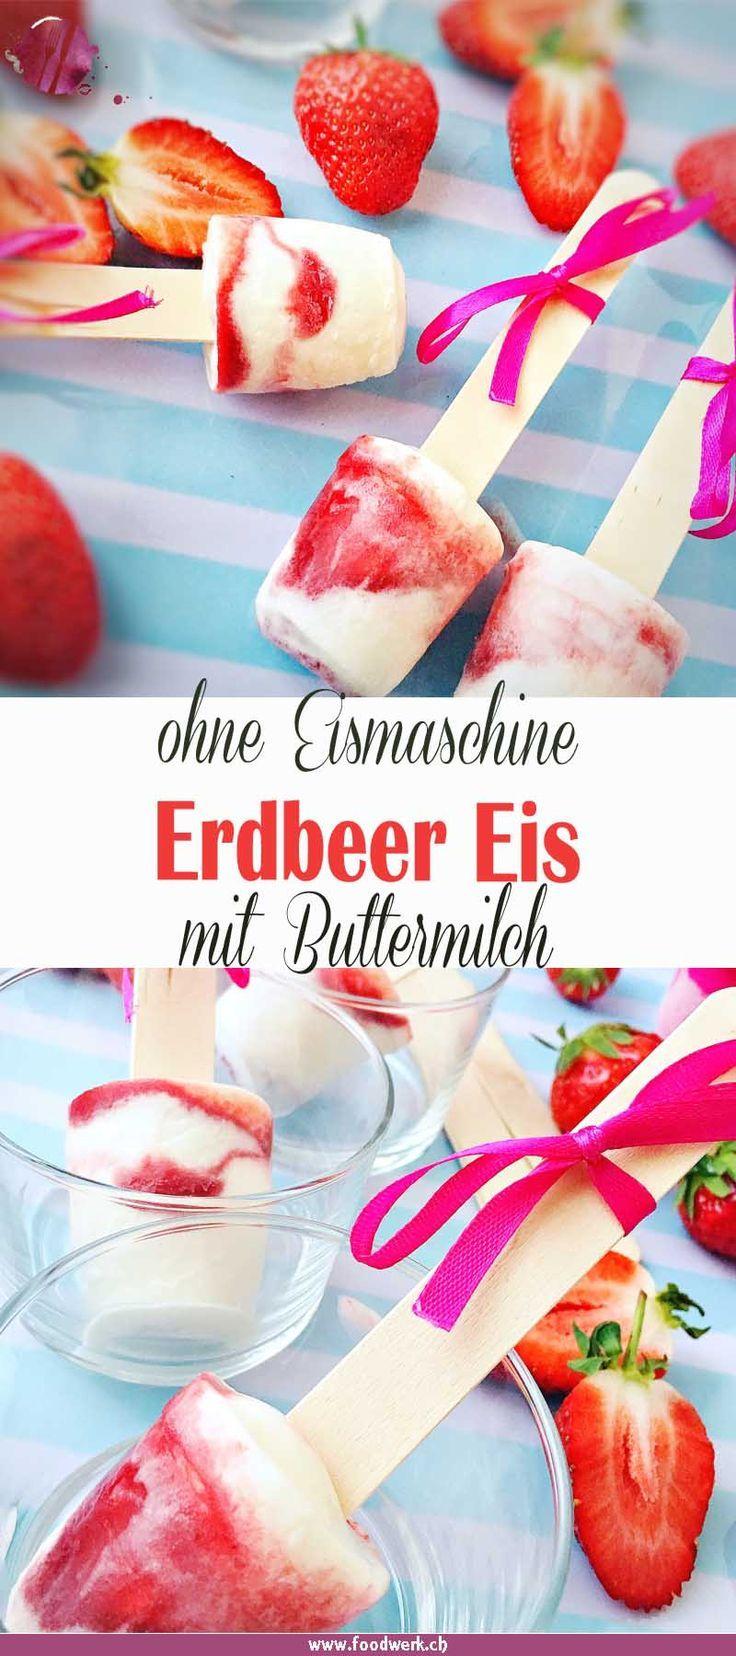 Eis gehört im Sommer einfach dazu. Ideal ist, wenn das Eis am Stiel daherkommt und du weisst was drin ist. Das Erdbeer-Eis mit Buttermilch ist ohne Eismaschine ruck zuck zubereitet und erfreut alle Schleckmäuler. Die Form kannst du selbst wählen und natürlich auch der Geschmack. Egal ob Erdbeere, Himbeere, Pfirsich oder was auch immer du magst. Das Eis ist im Gefrierfach griffbereit und versüsst dir die heissen Tage. Eine willkommene Erfrischung im Sommer #Eis #Beeren #Sommer #selbstgemacht